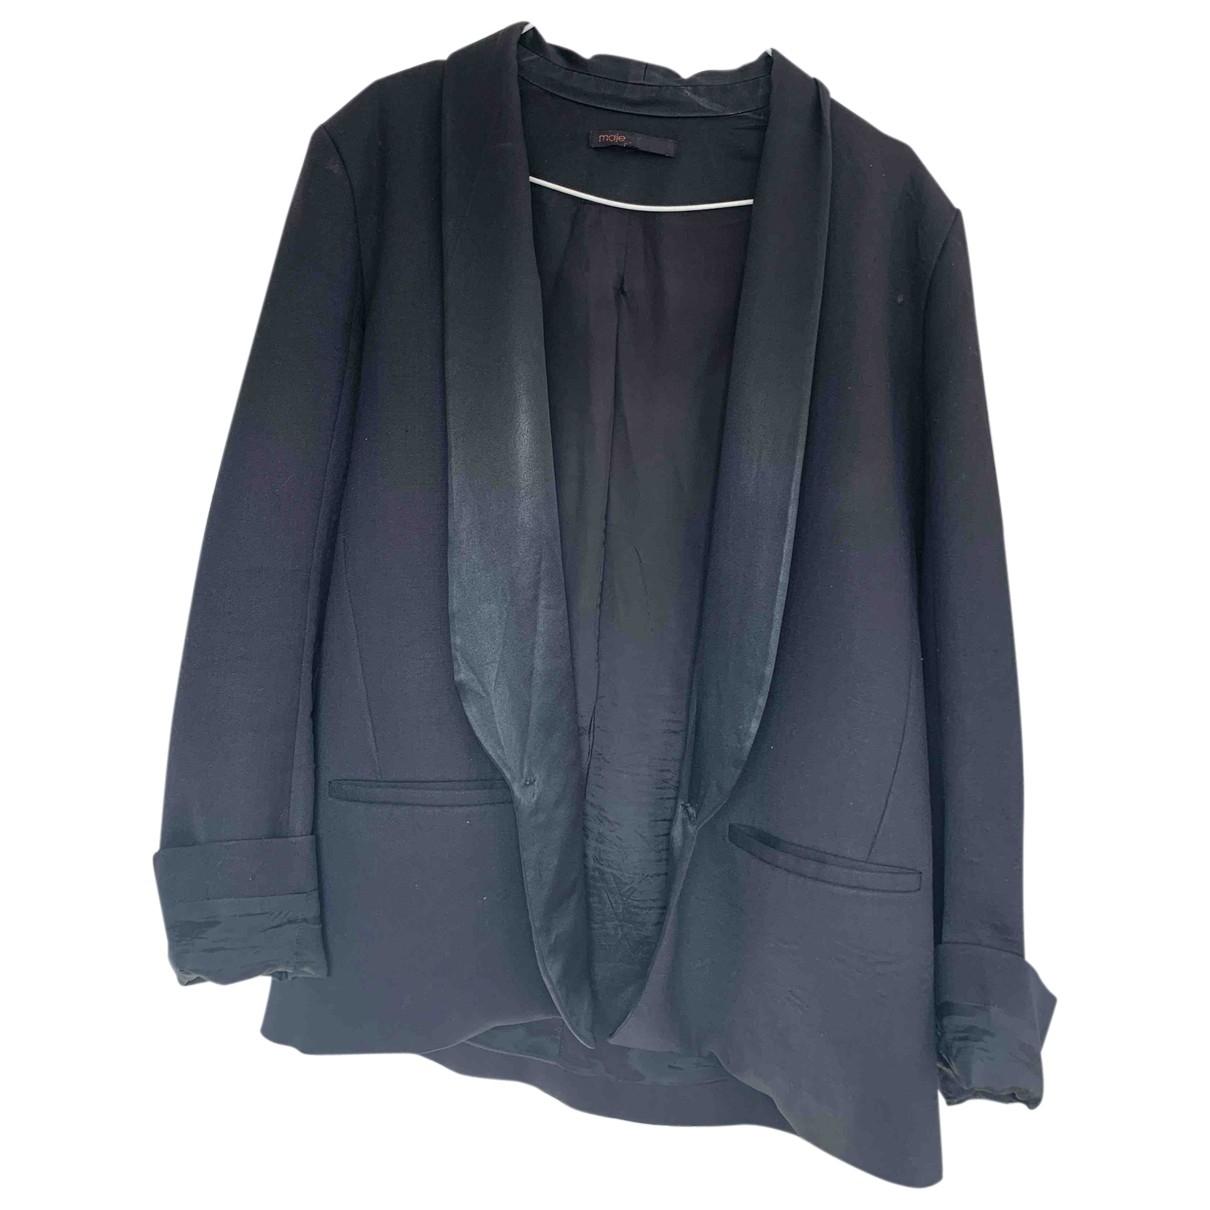 Maje \N Black jacket for Women 40 FR